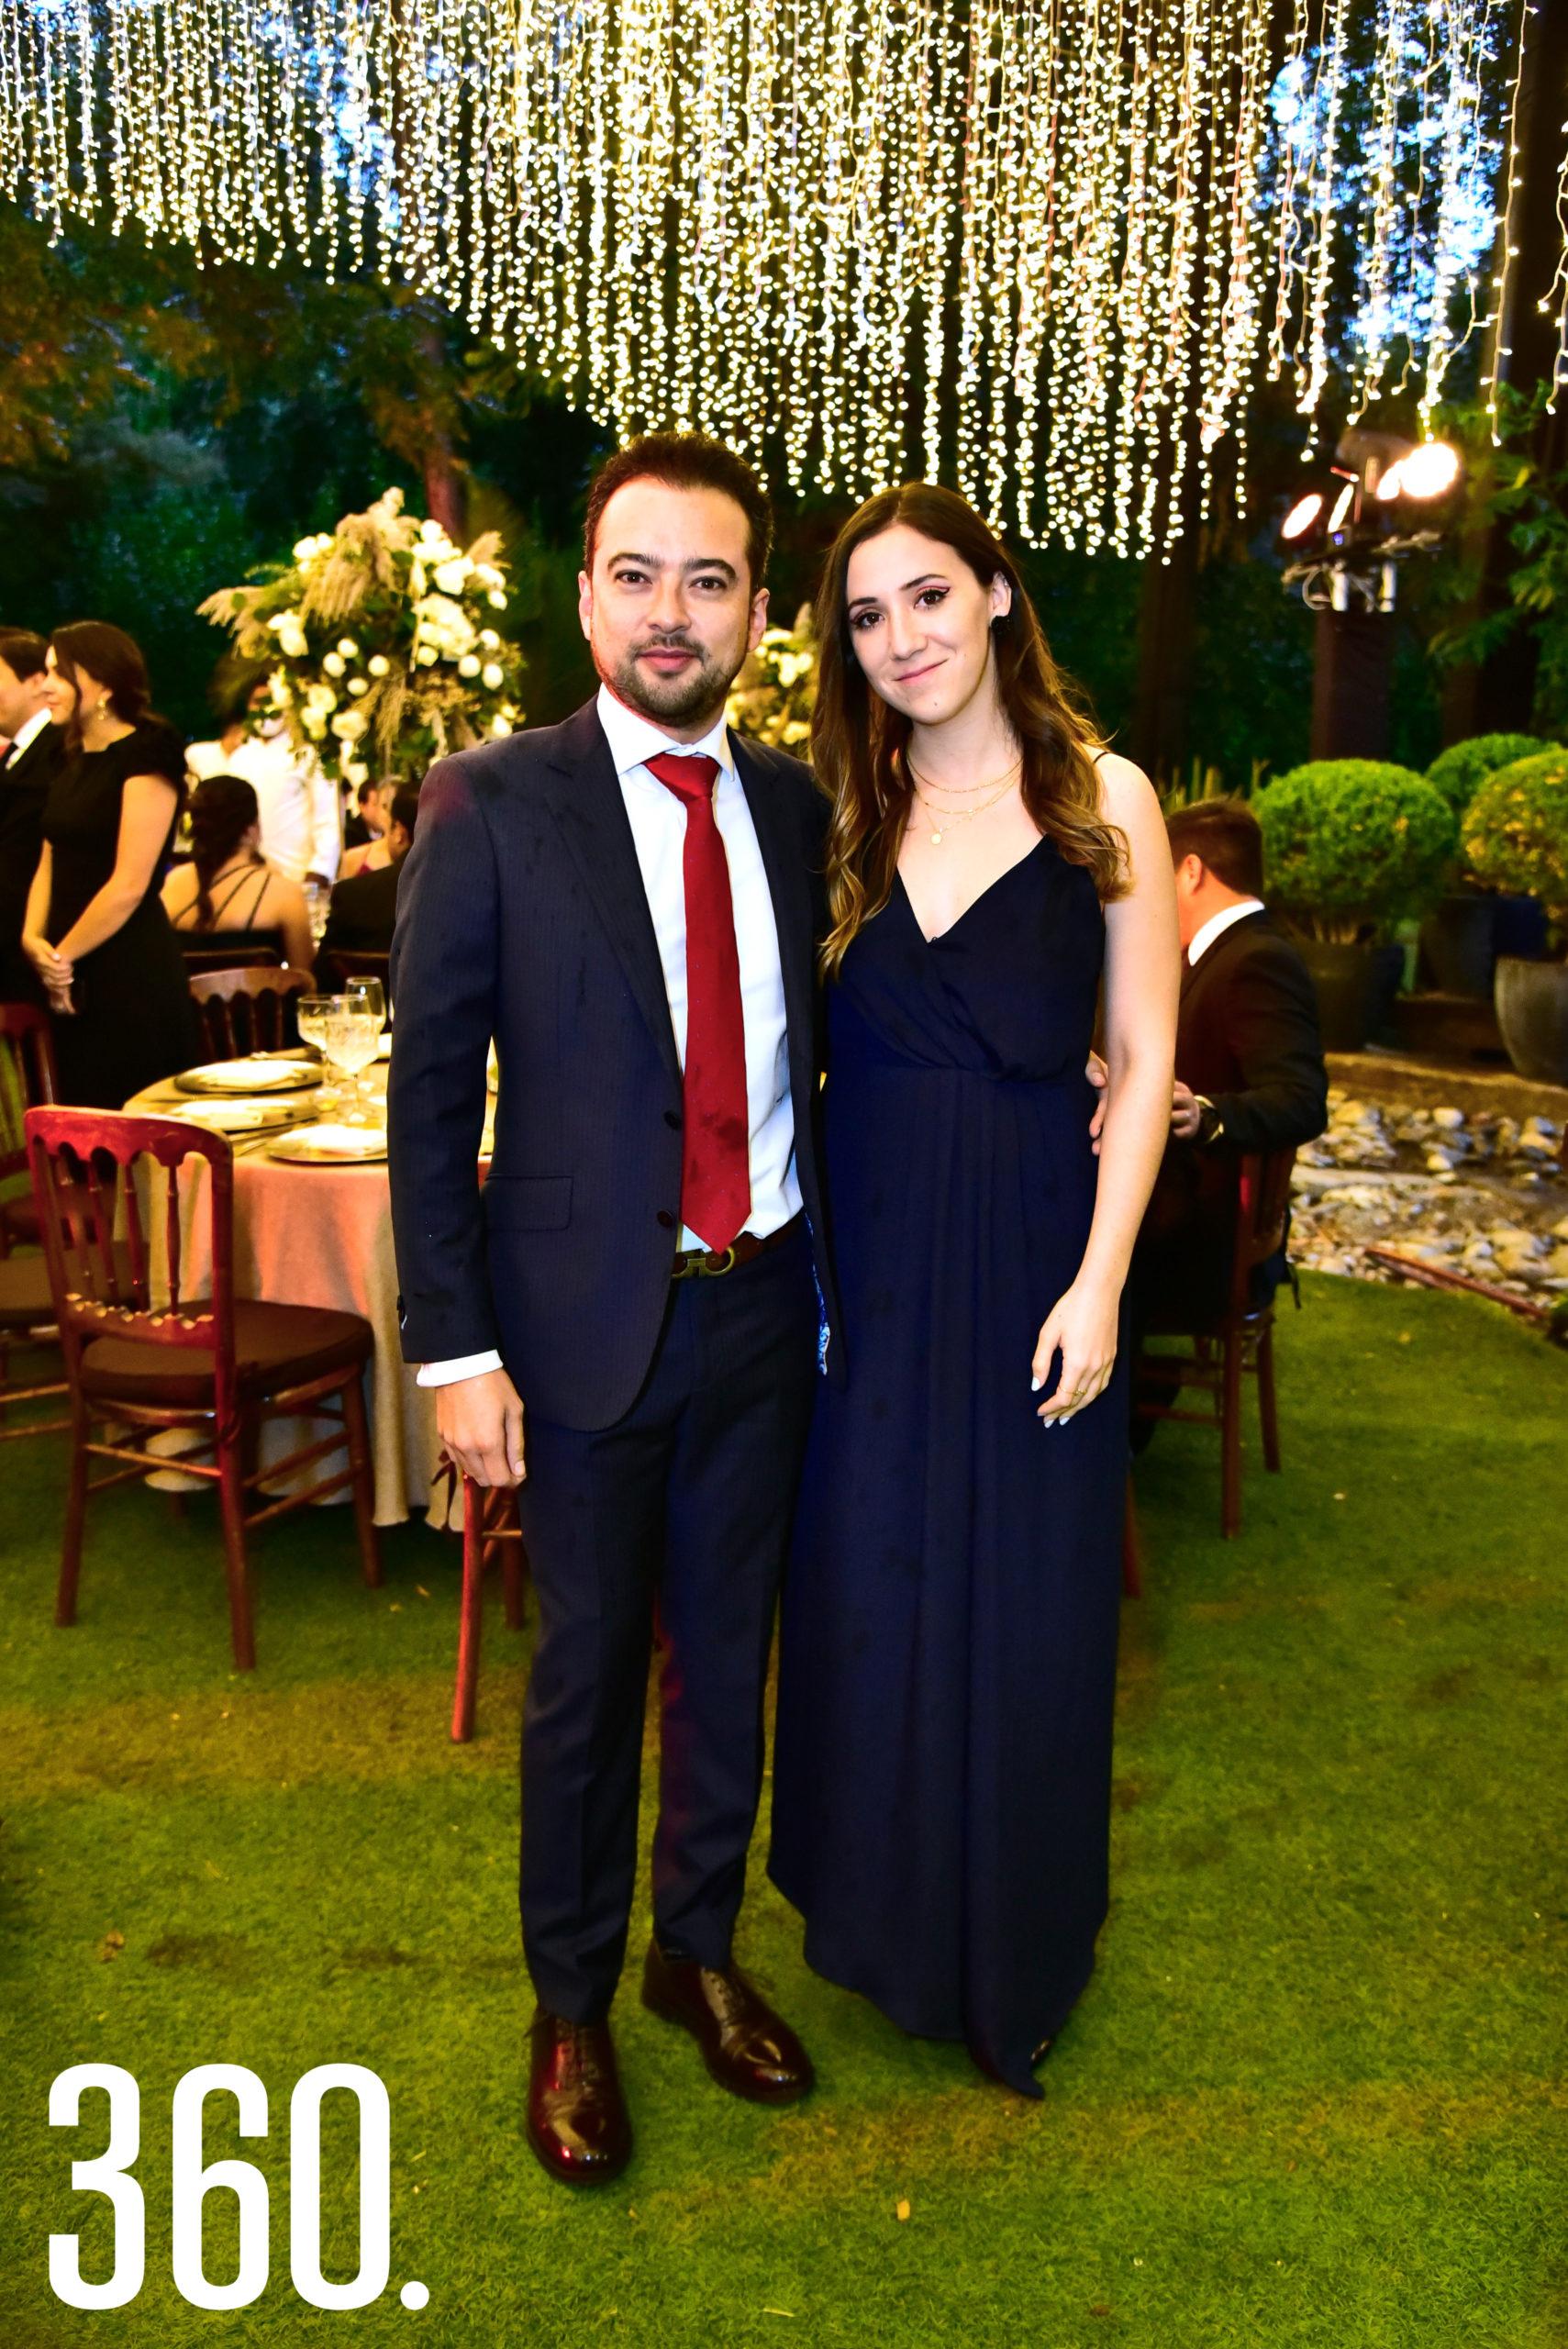 Luis Fernando Villarreal y Sofía de la Garza.